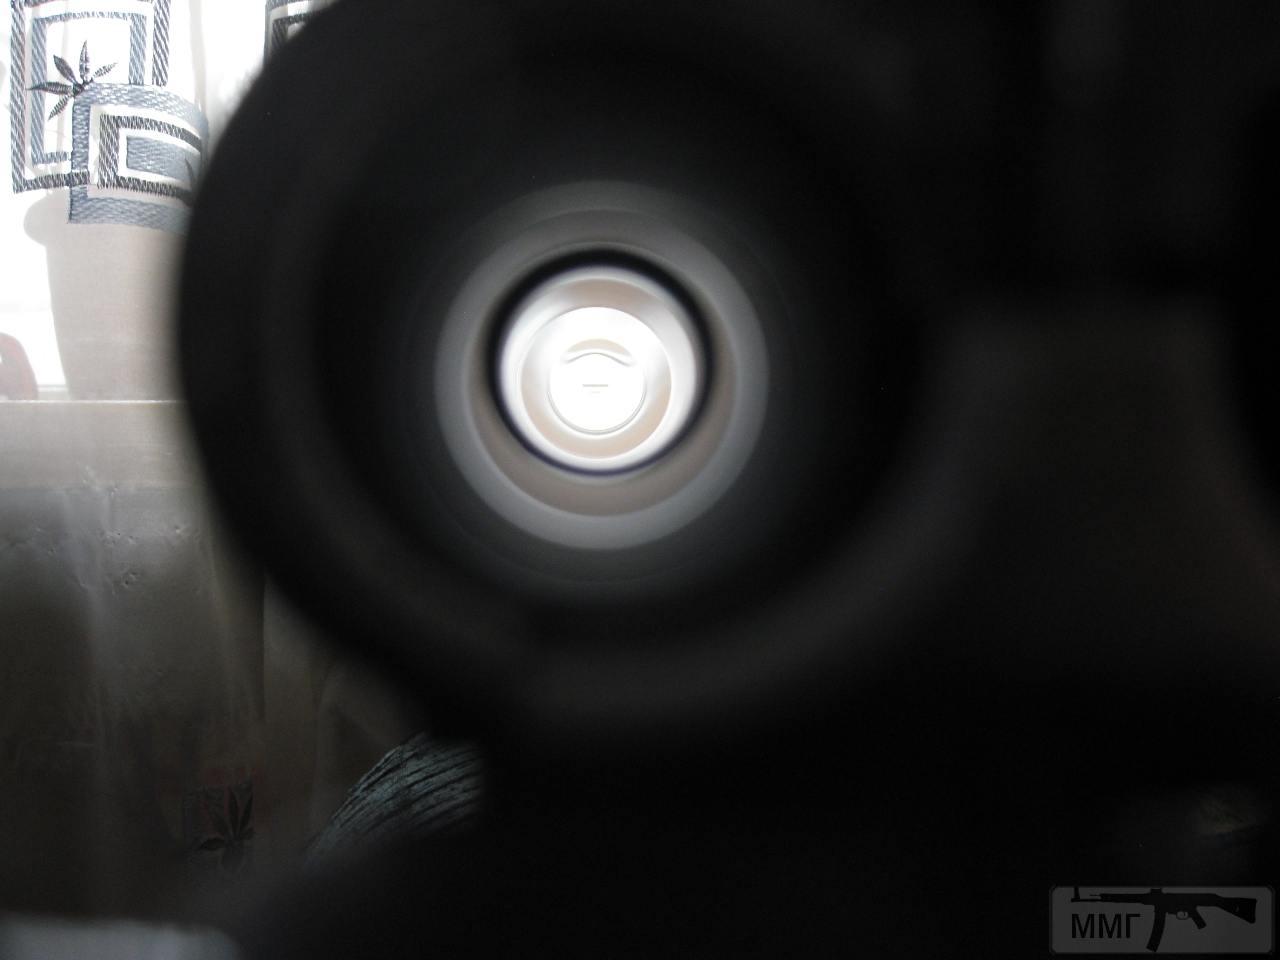 18402 - Охотничье ружьё  ТОЗ-63.